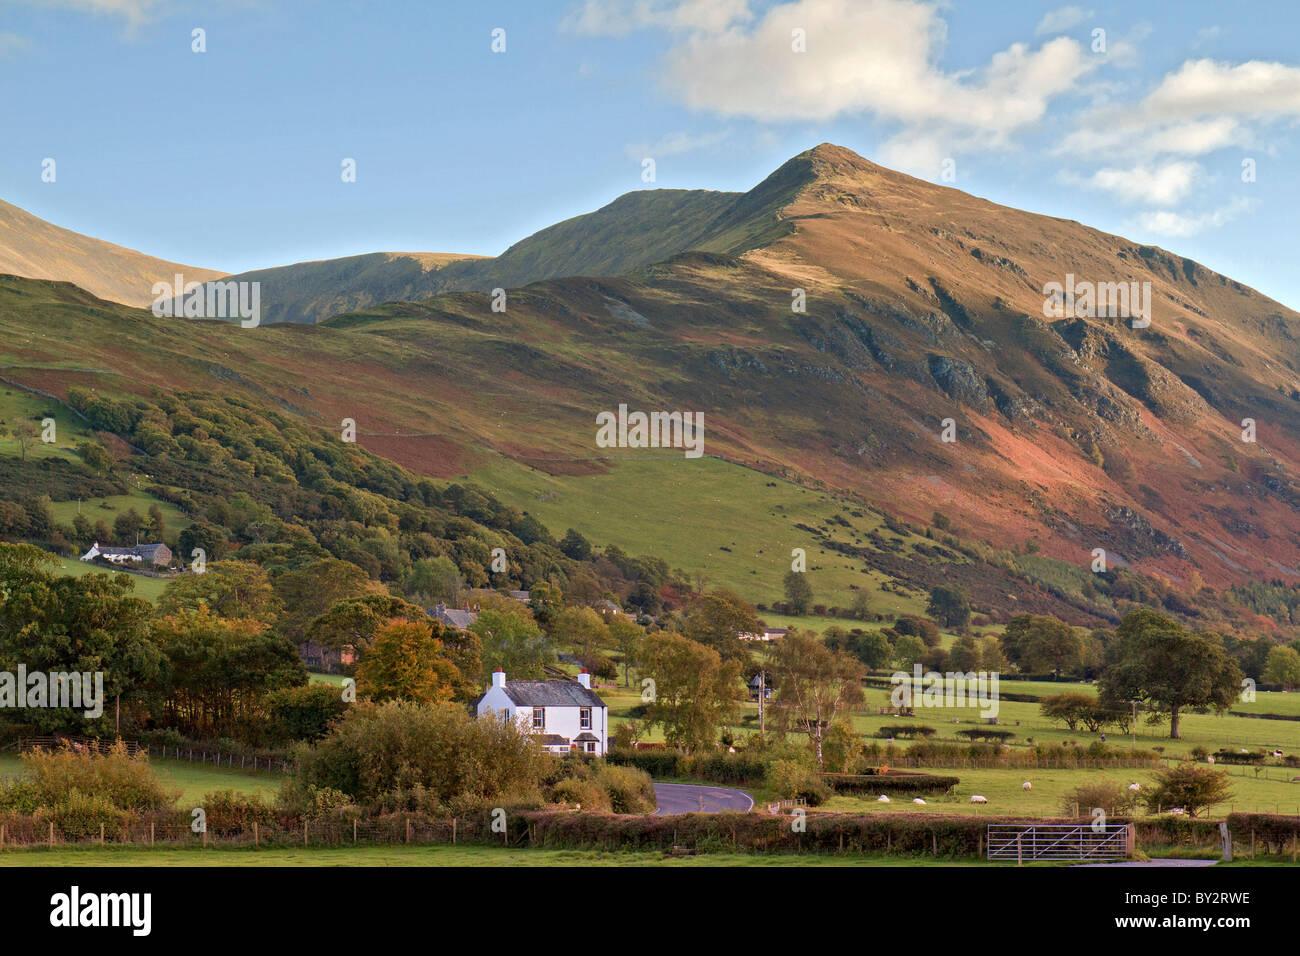 UK Cumbria Hillside Cottage - Stock Image